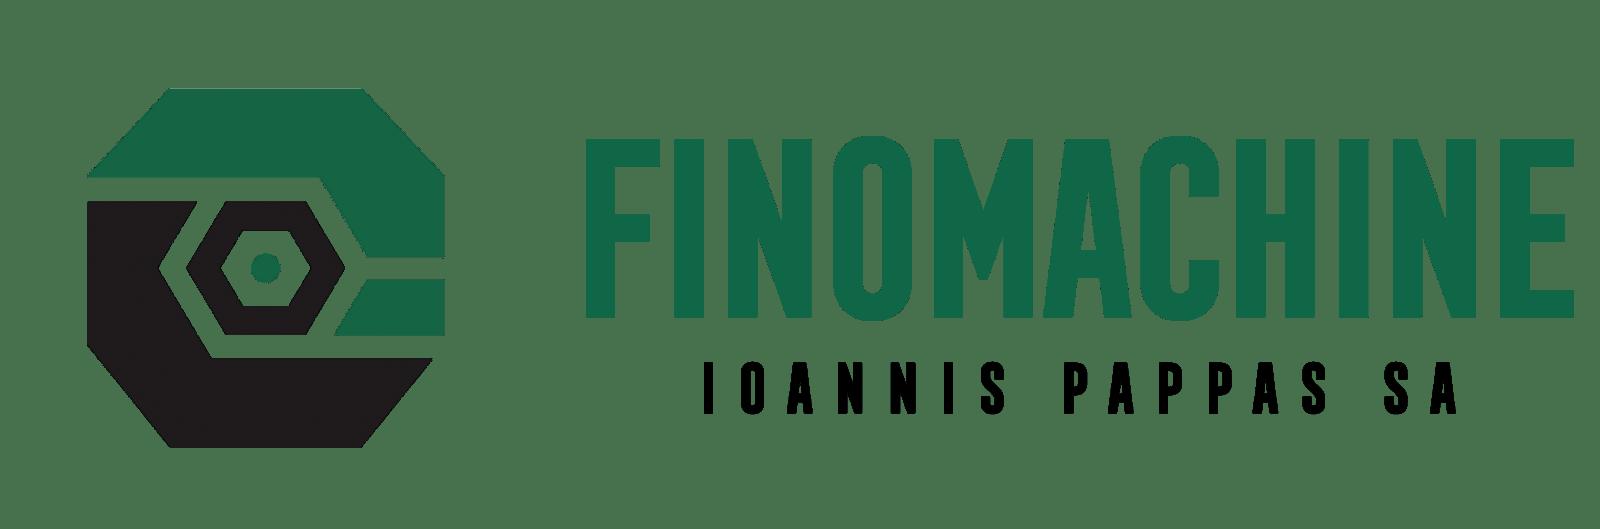 Φινομασίν - Ιωάννης Παππάς Α.Ε. - Finomachine